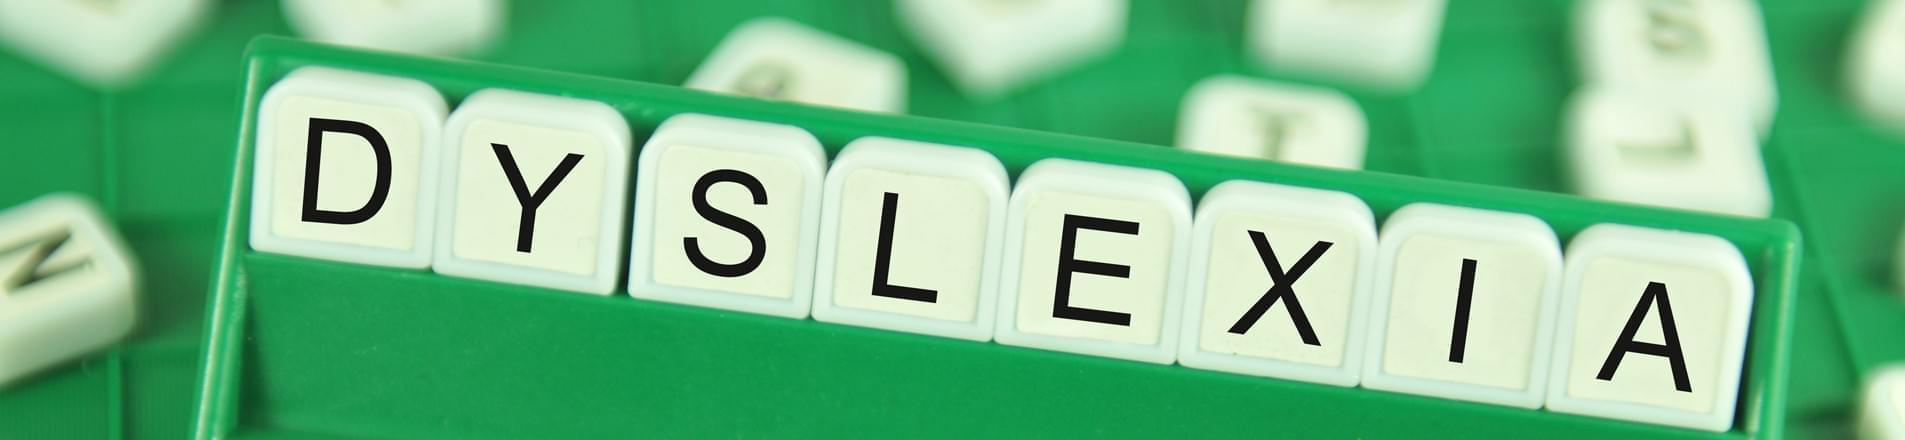 Scrabble letters spelling Dyslexia